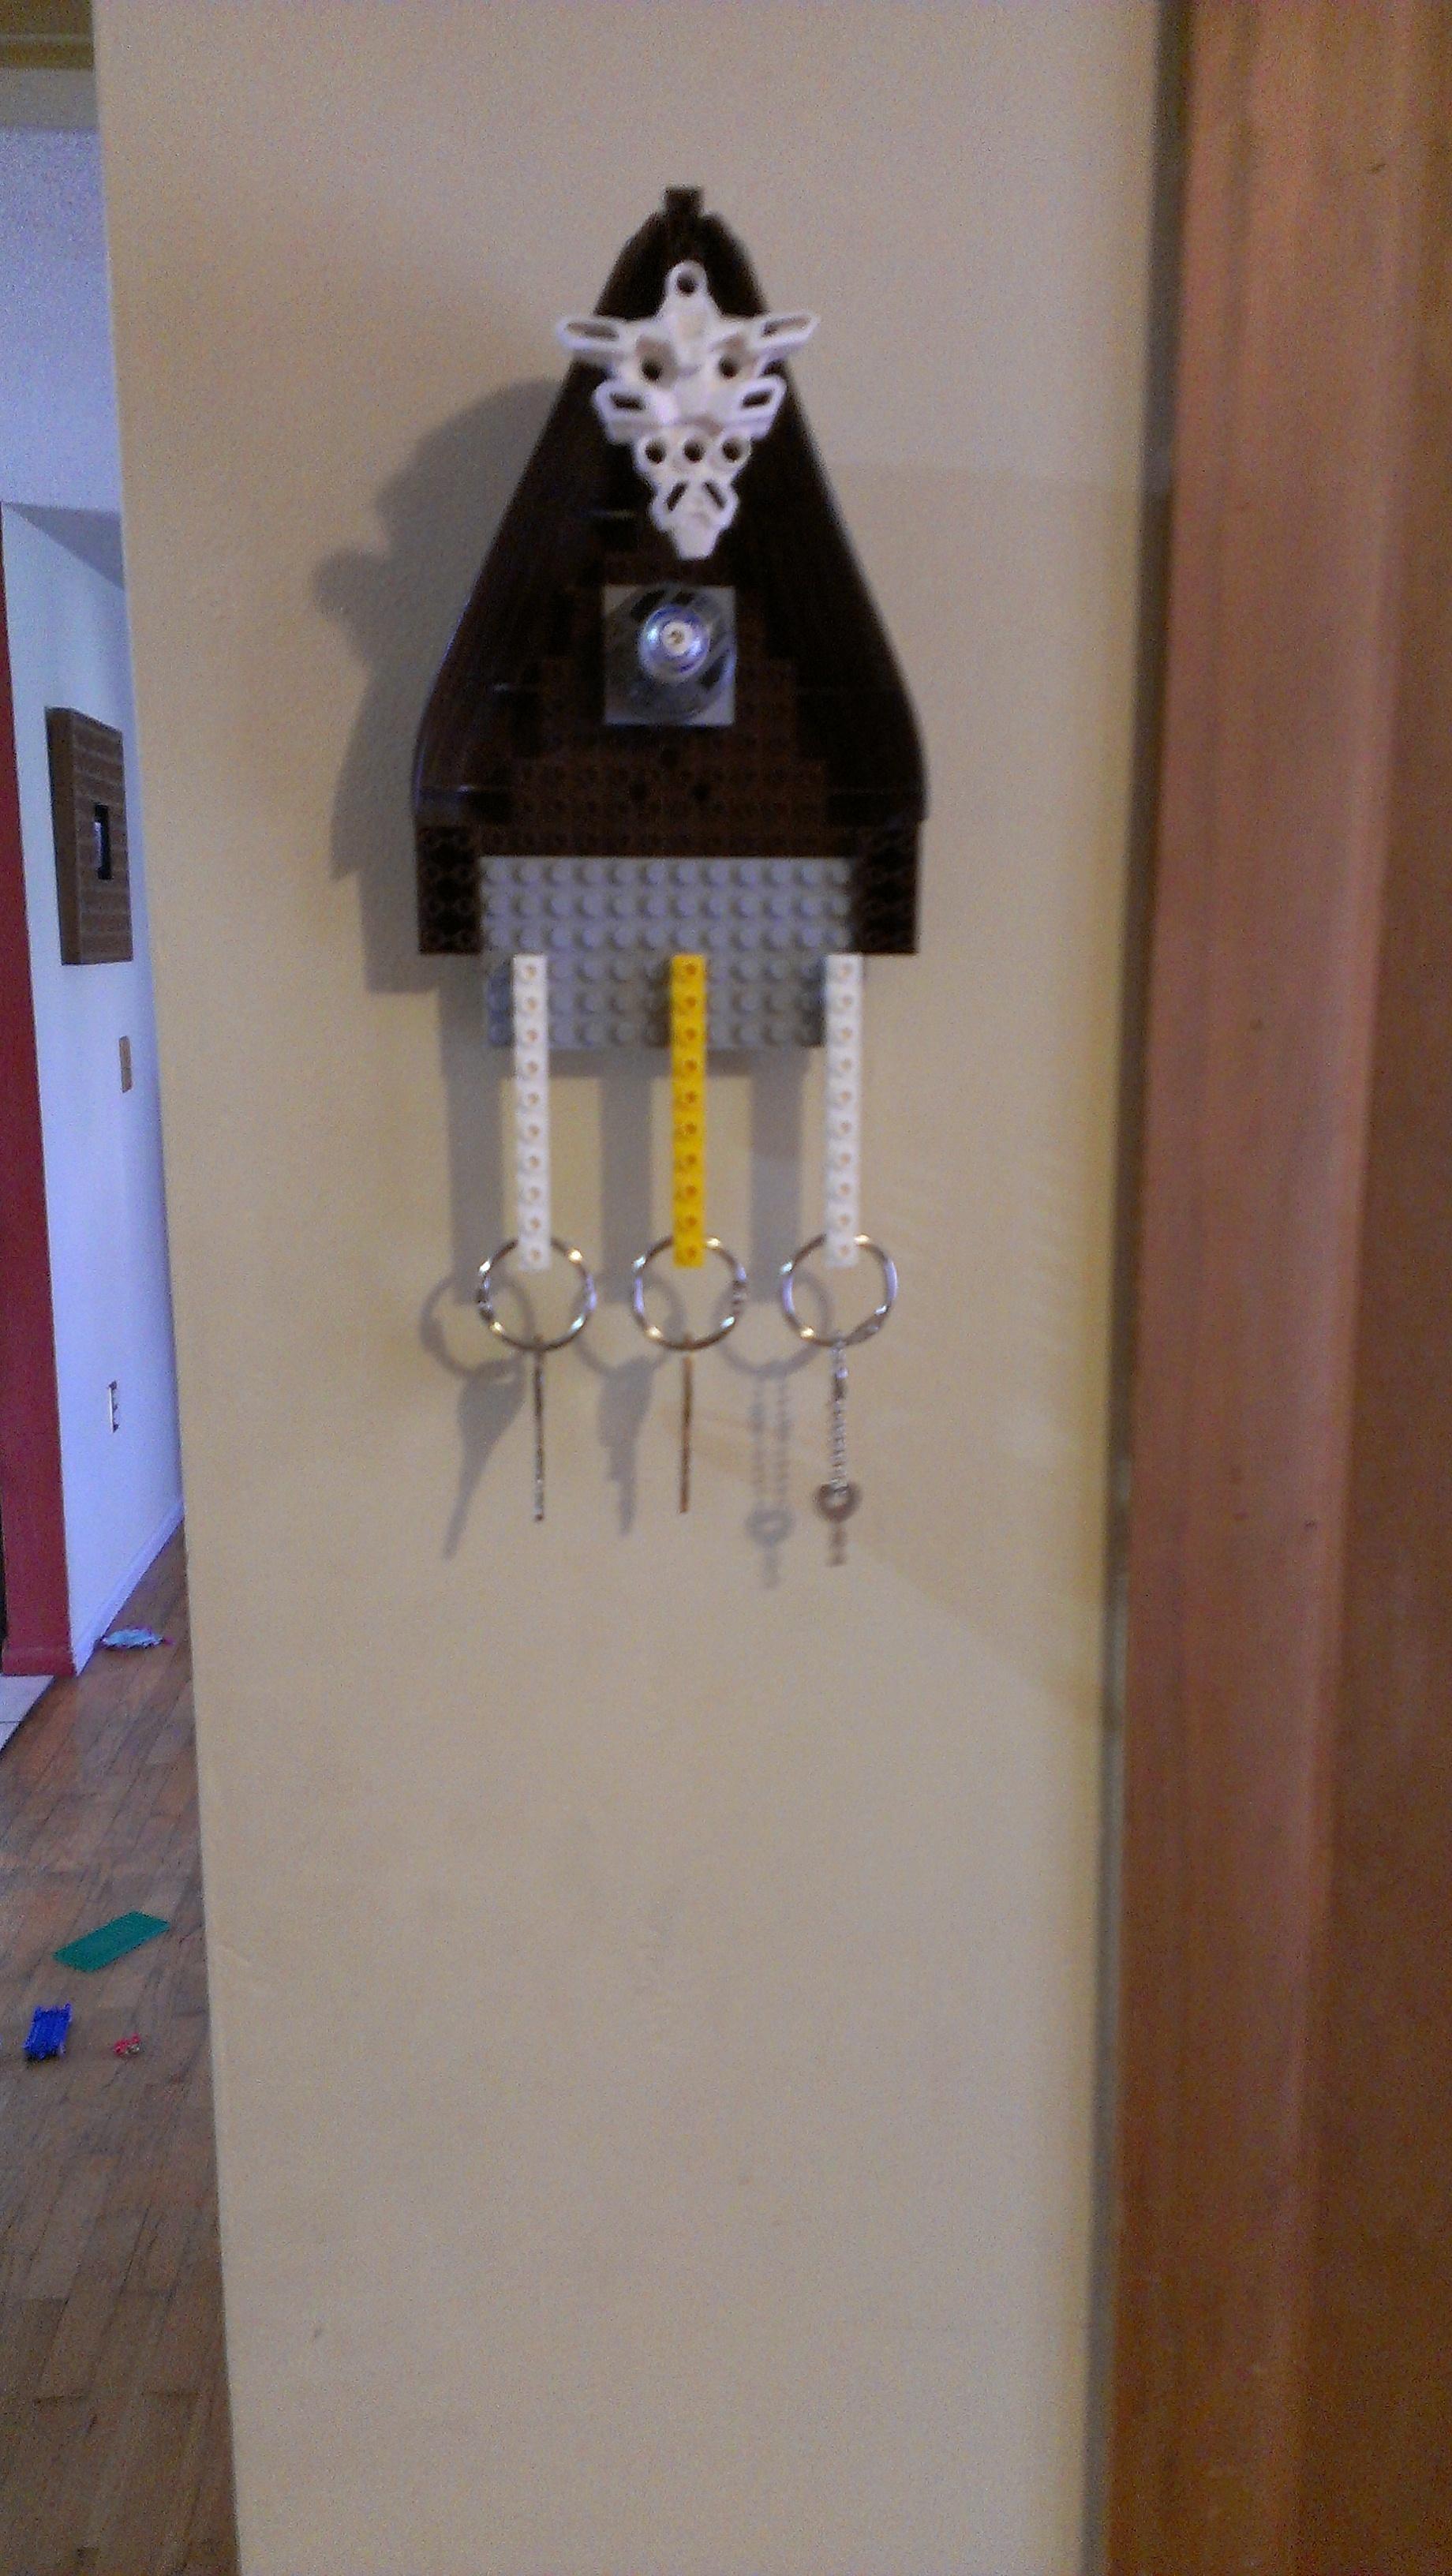 Lego Key Holder Gift For My Dad Diy